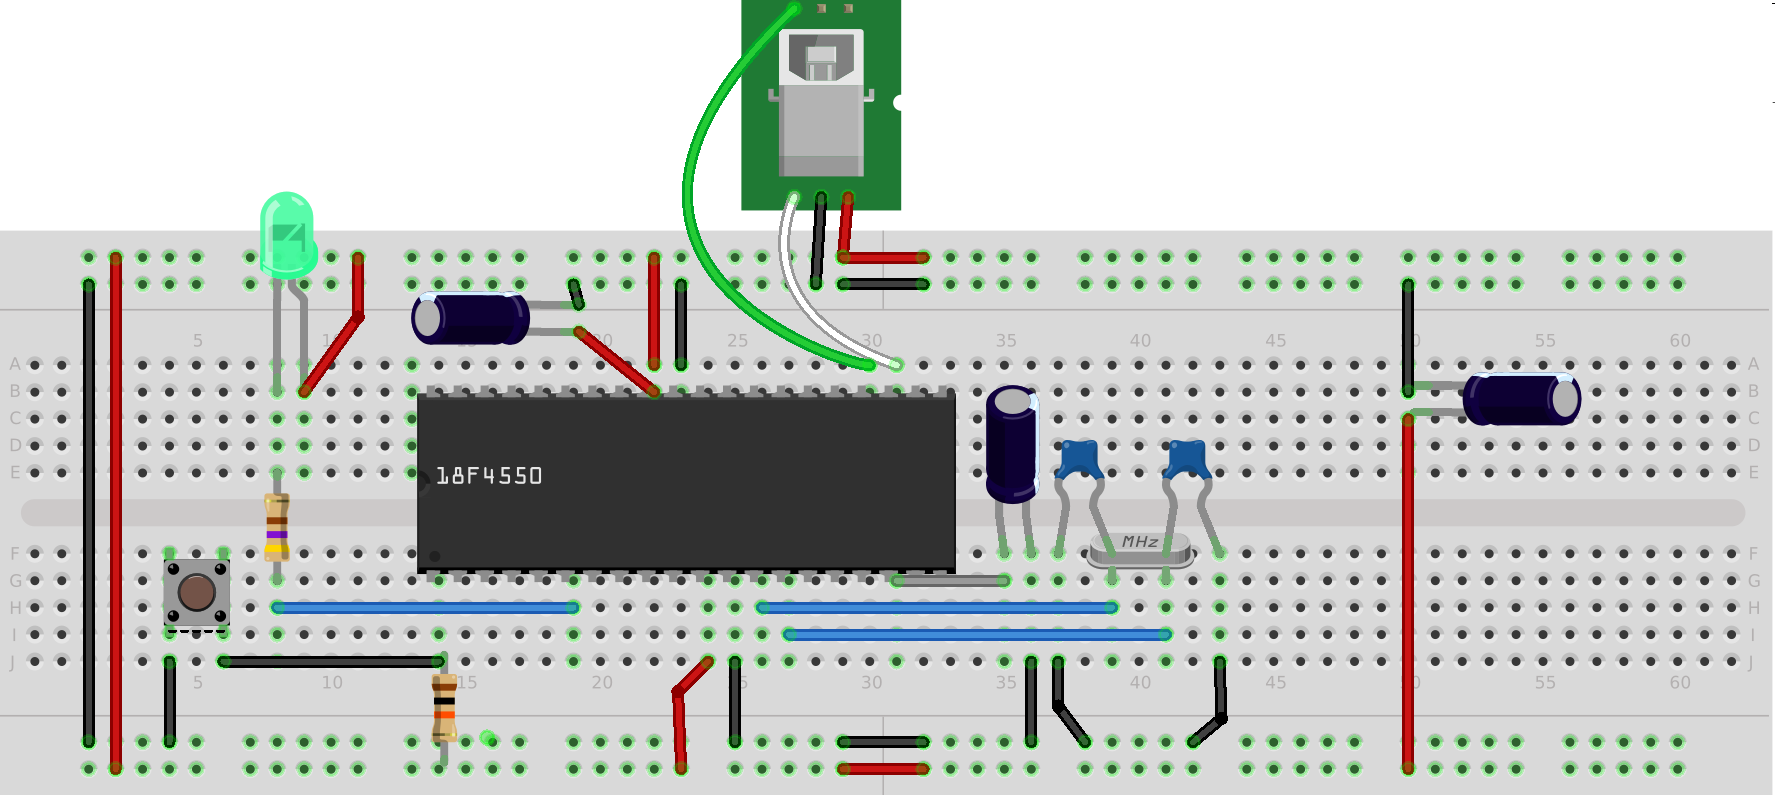 Do it yourself pinguino pic18f4550 board microcontroller electronics do it yourself pinguino pic18f4550 board solutioingenieria Choice Image